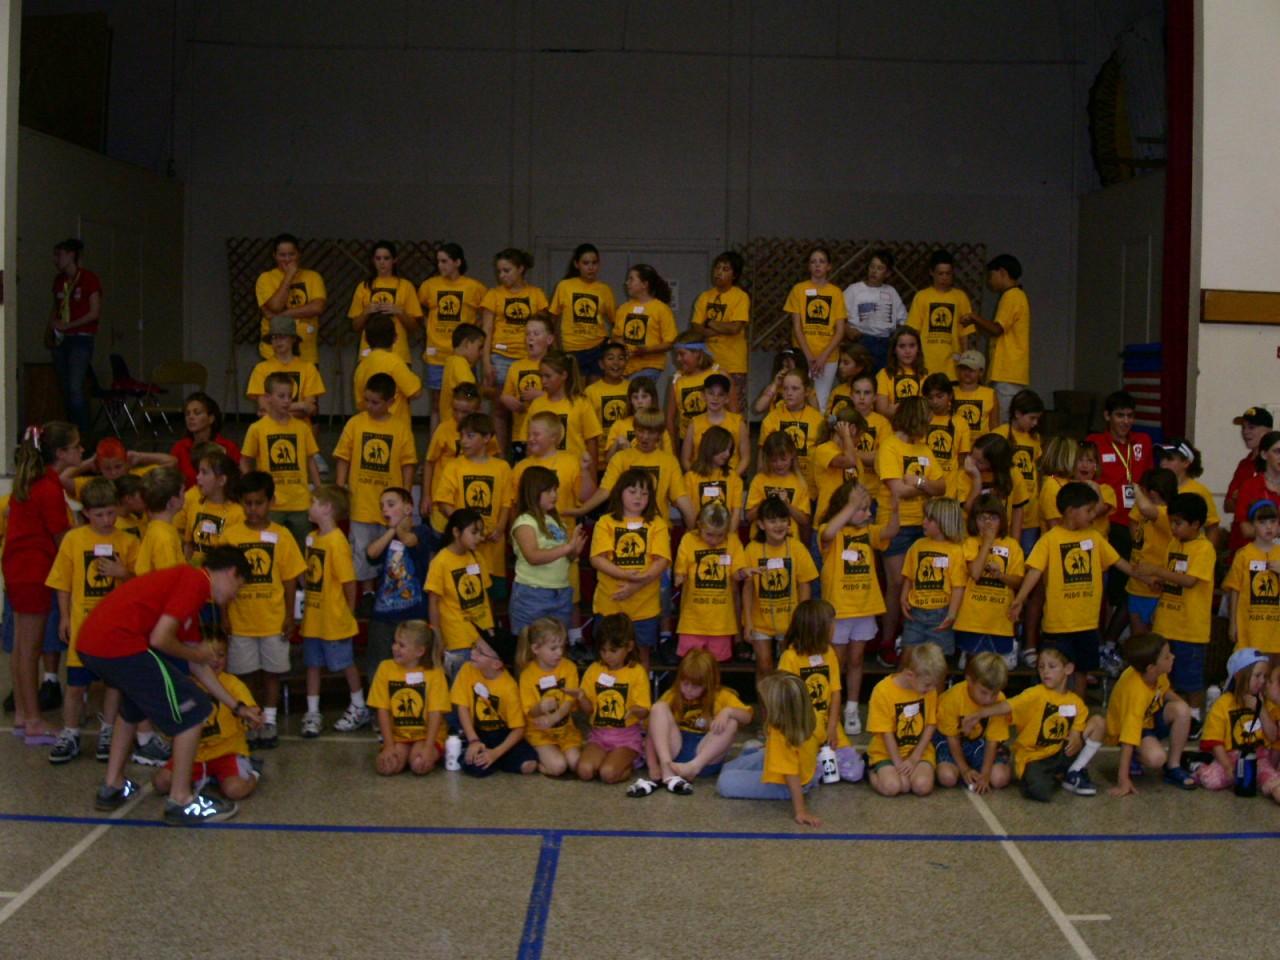 KidsRule_First_Year_2003.JPG